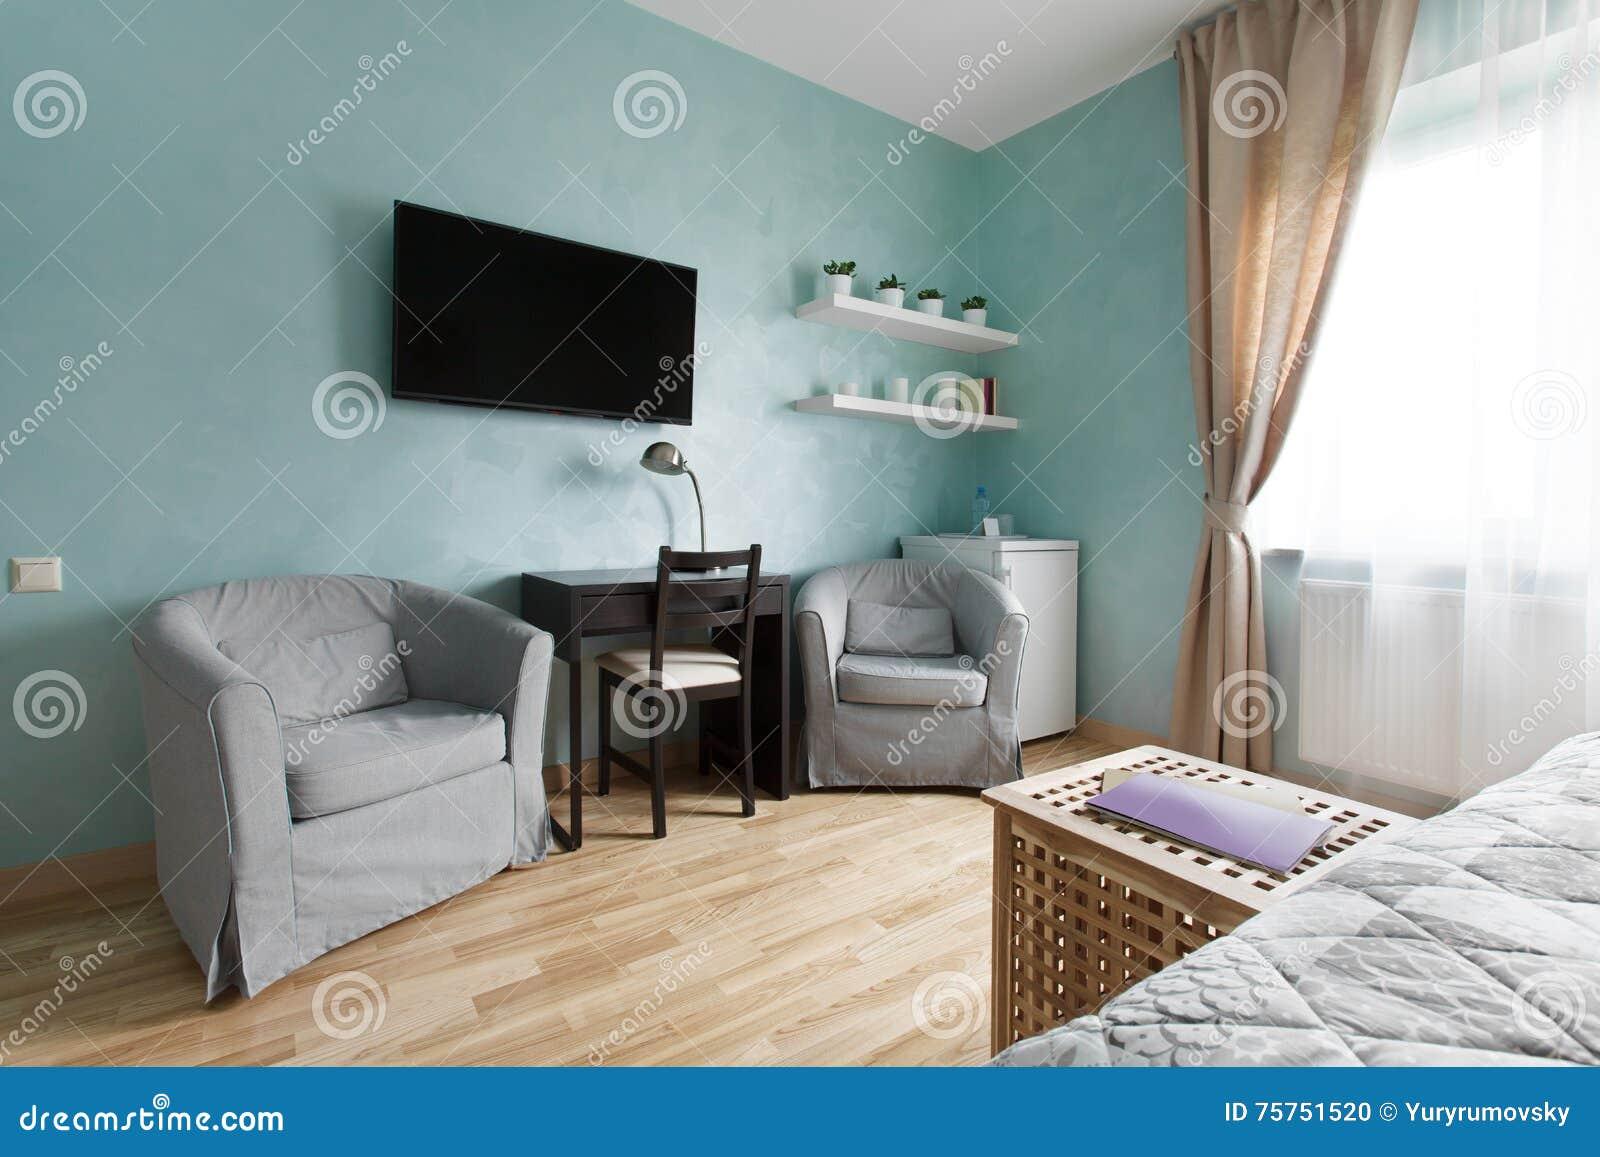 slaapkamer met televisie en leunstoelen stock foto  afbeelding, Meubels Ideeën